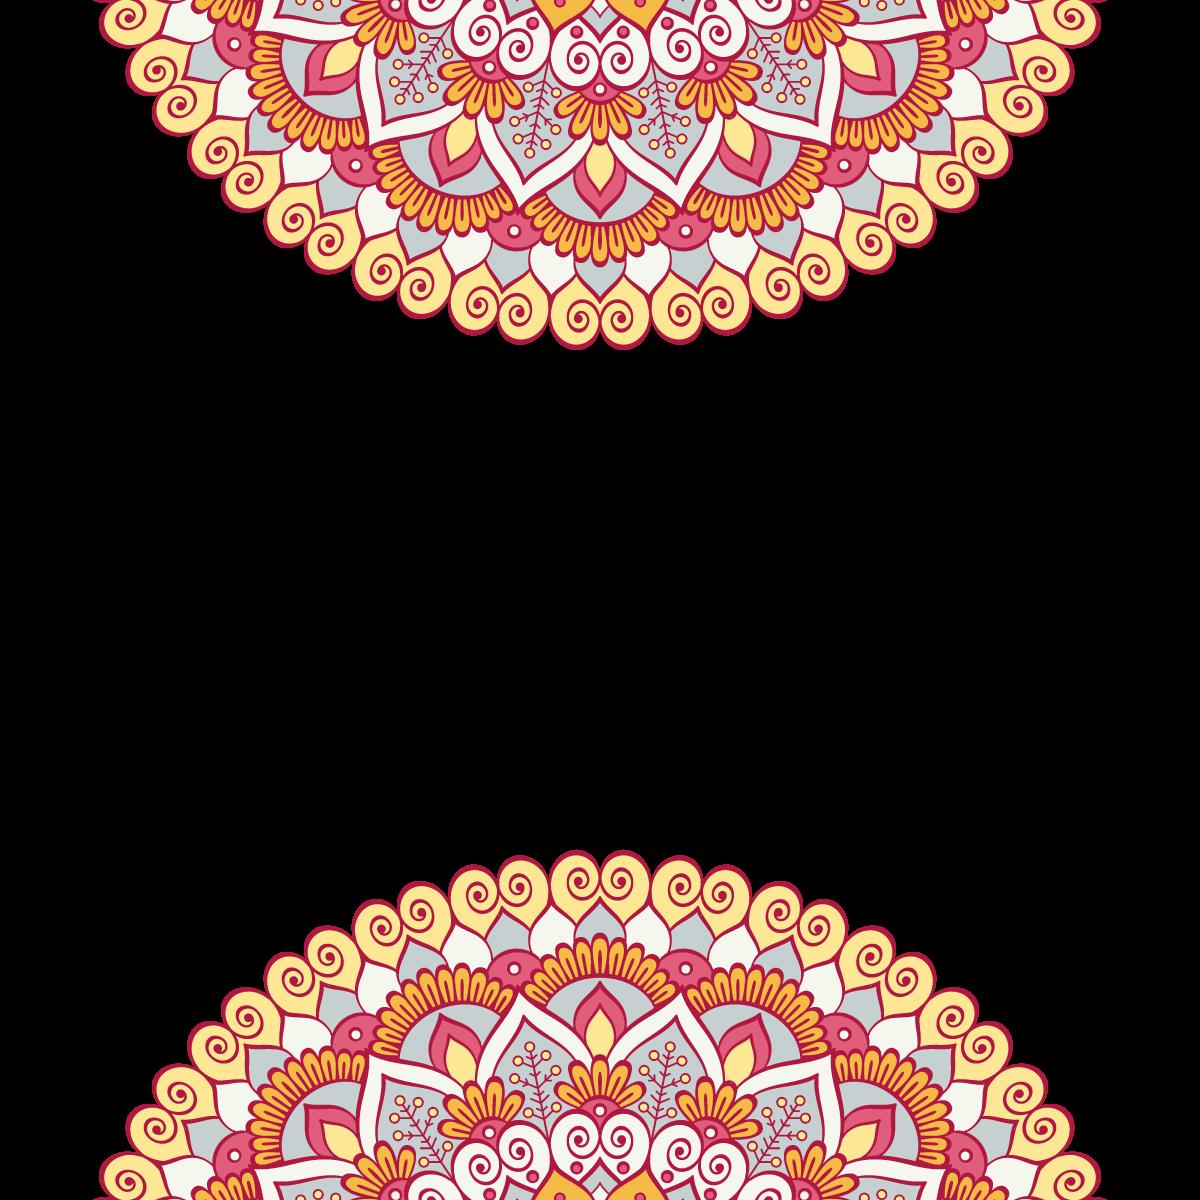 Festival Mandala Patterns Mandala Pattern Mandala Design Art Mandala Design Pattern